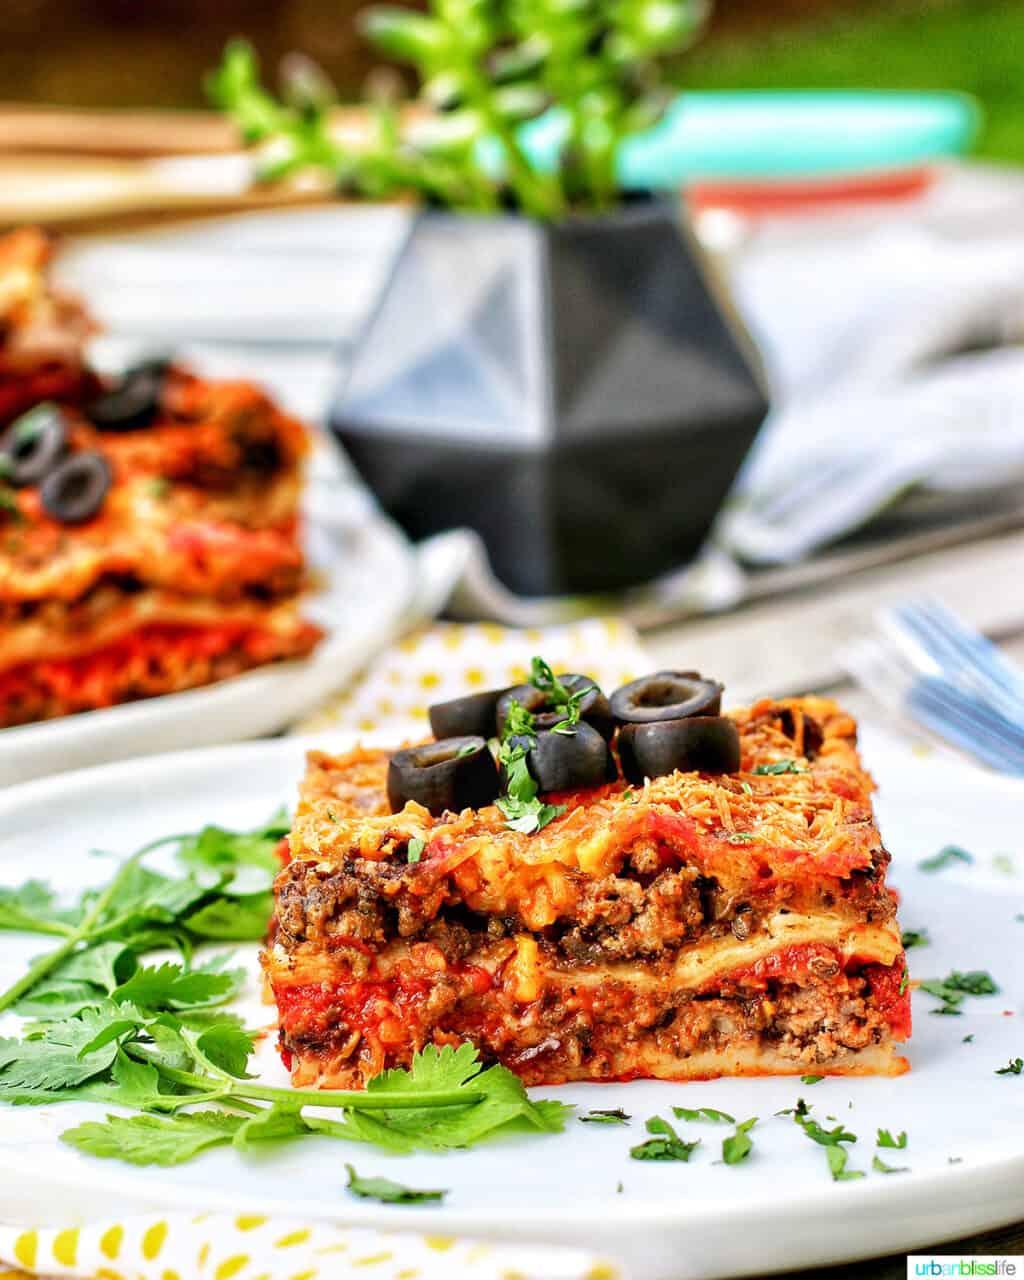 slice of Mexican lasagna